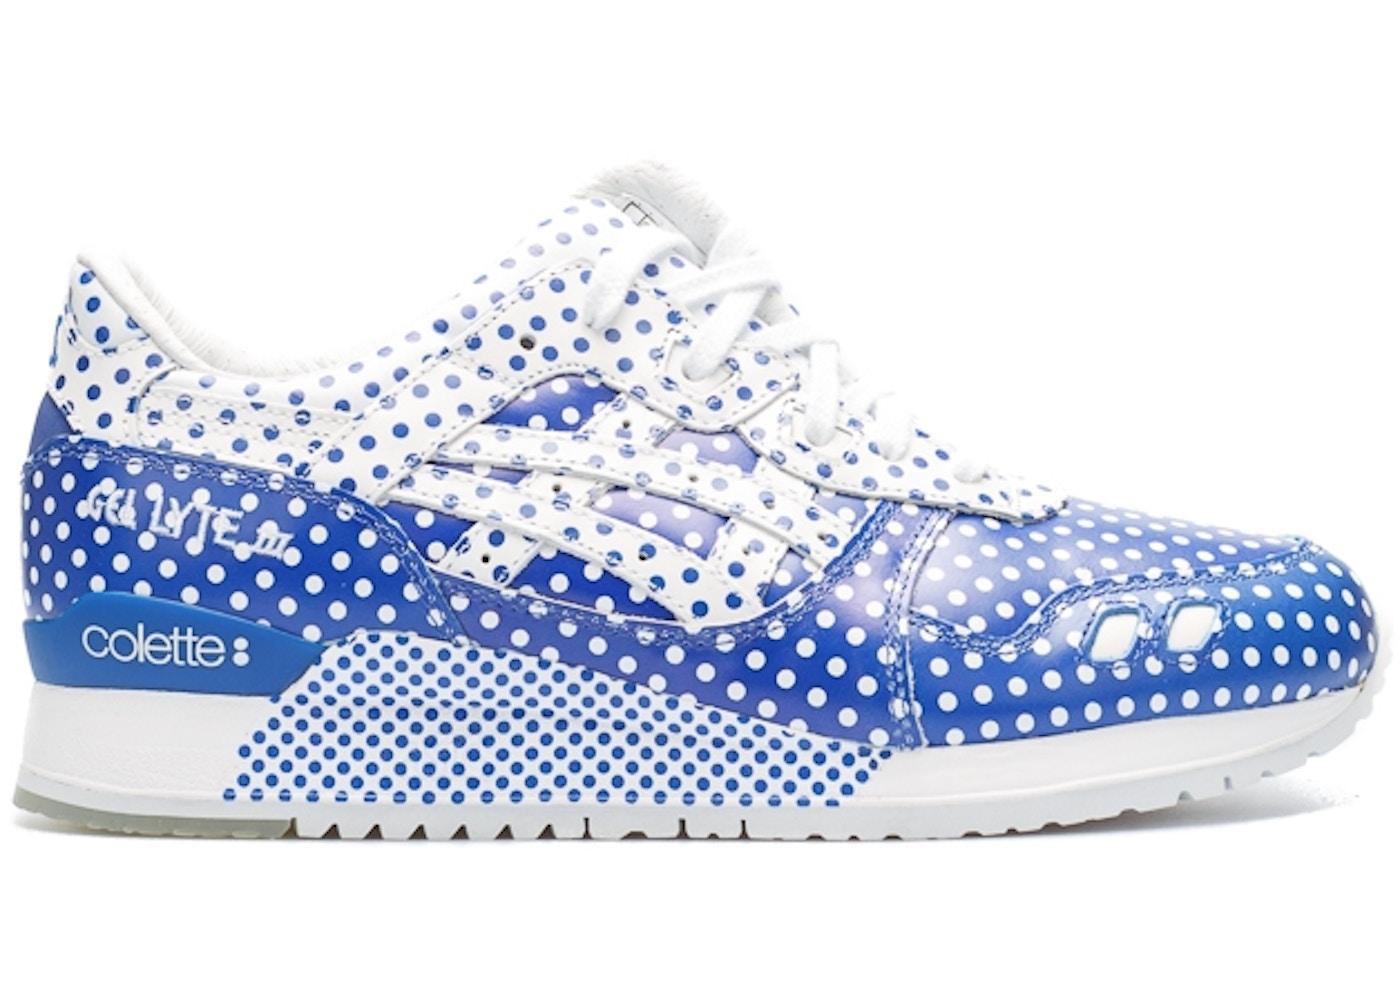 best sneakers 5f308 3bcf8 ASICS Gel-Lyte III Colette